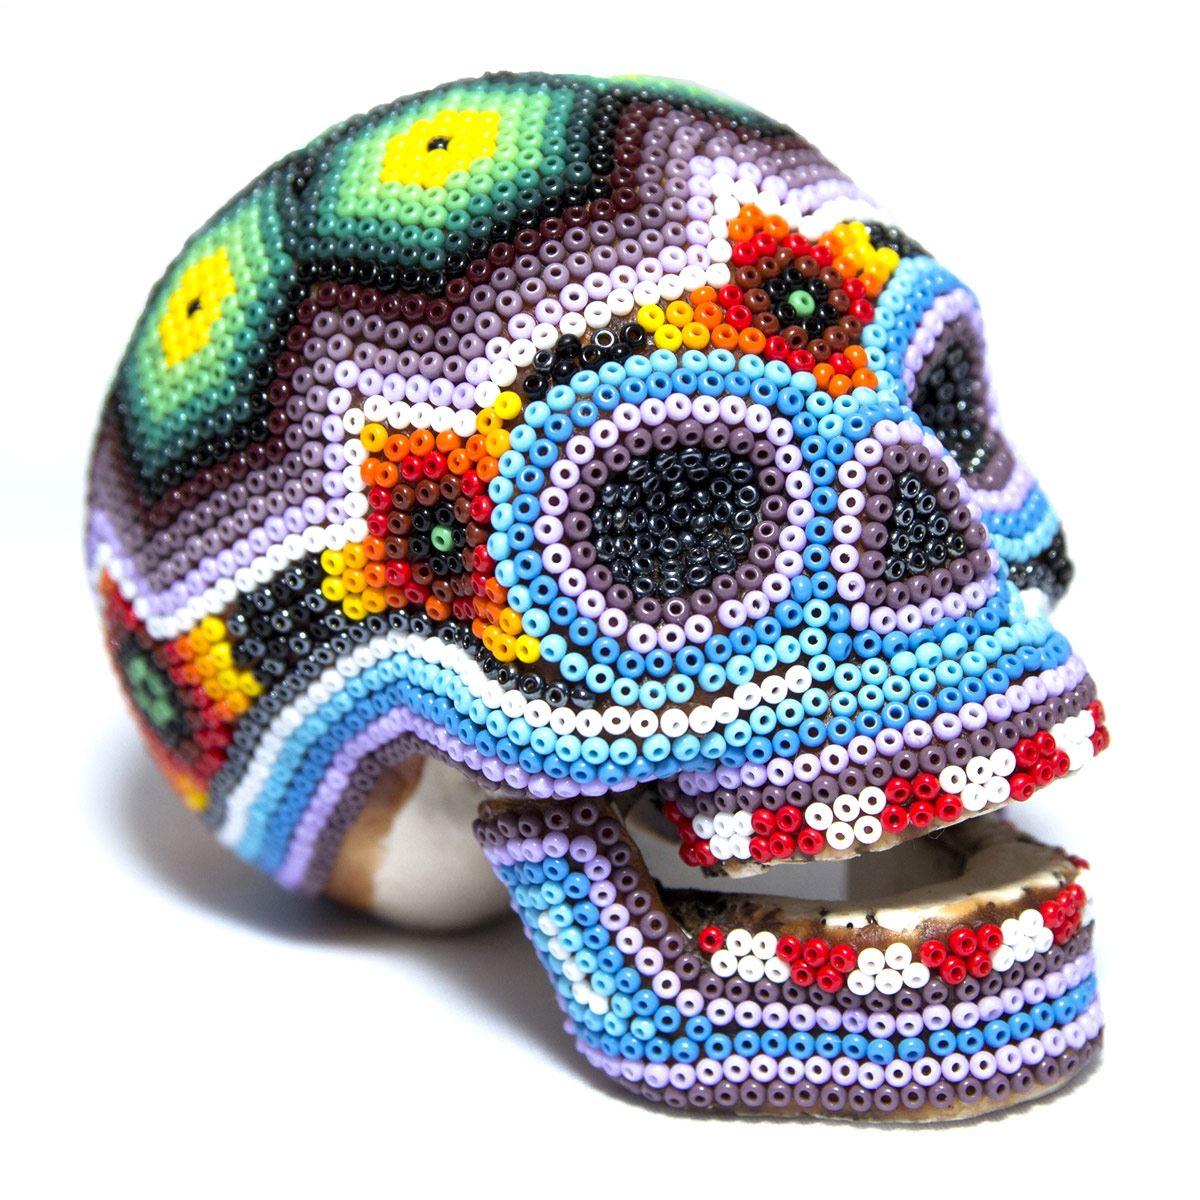 Cráneo Huichol HIXI - Artesanía